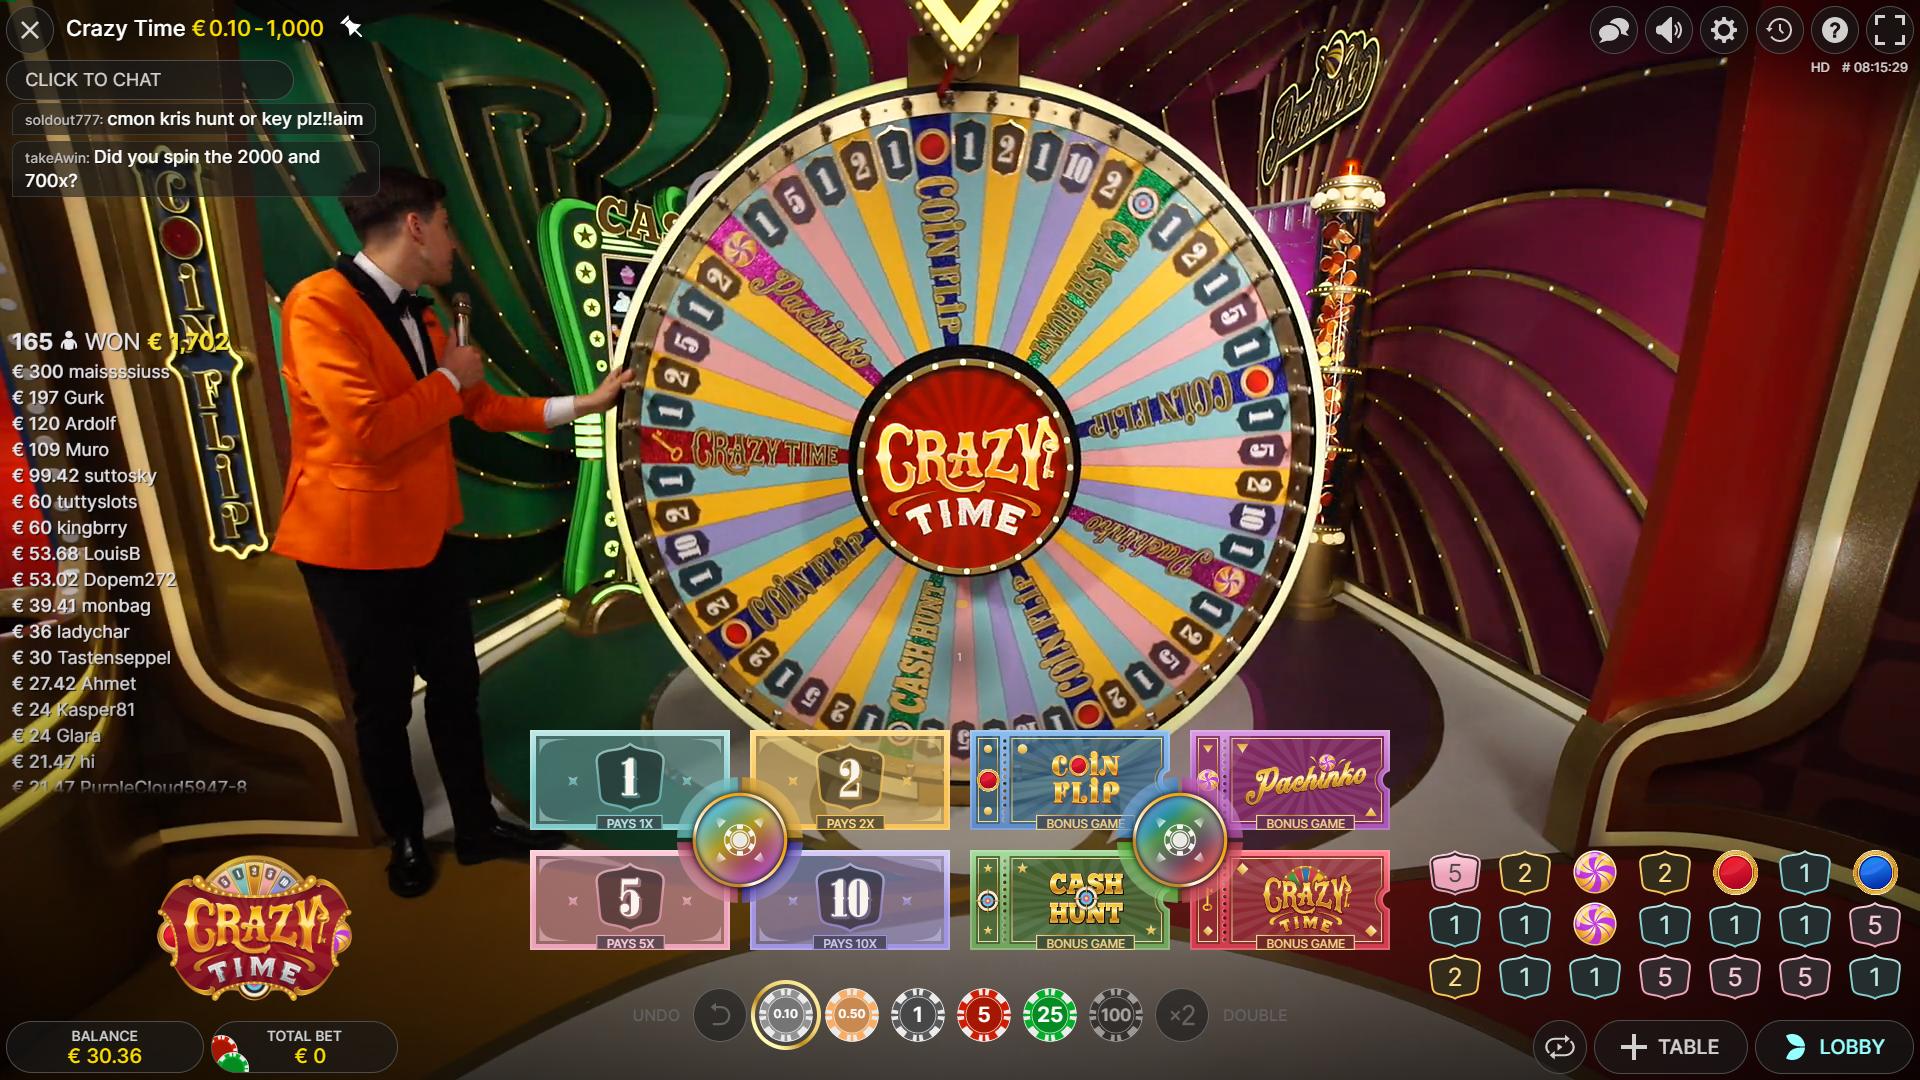 azartiniai zaidimai internete is pinigu - live kazino crazy time žaidimas laimės ratas žaidimo vedėjas